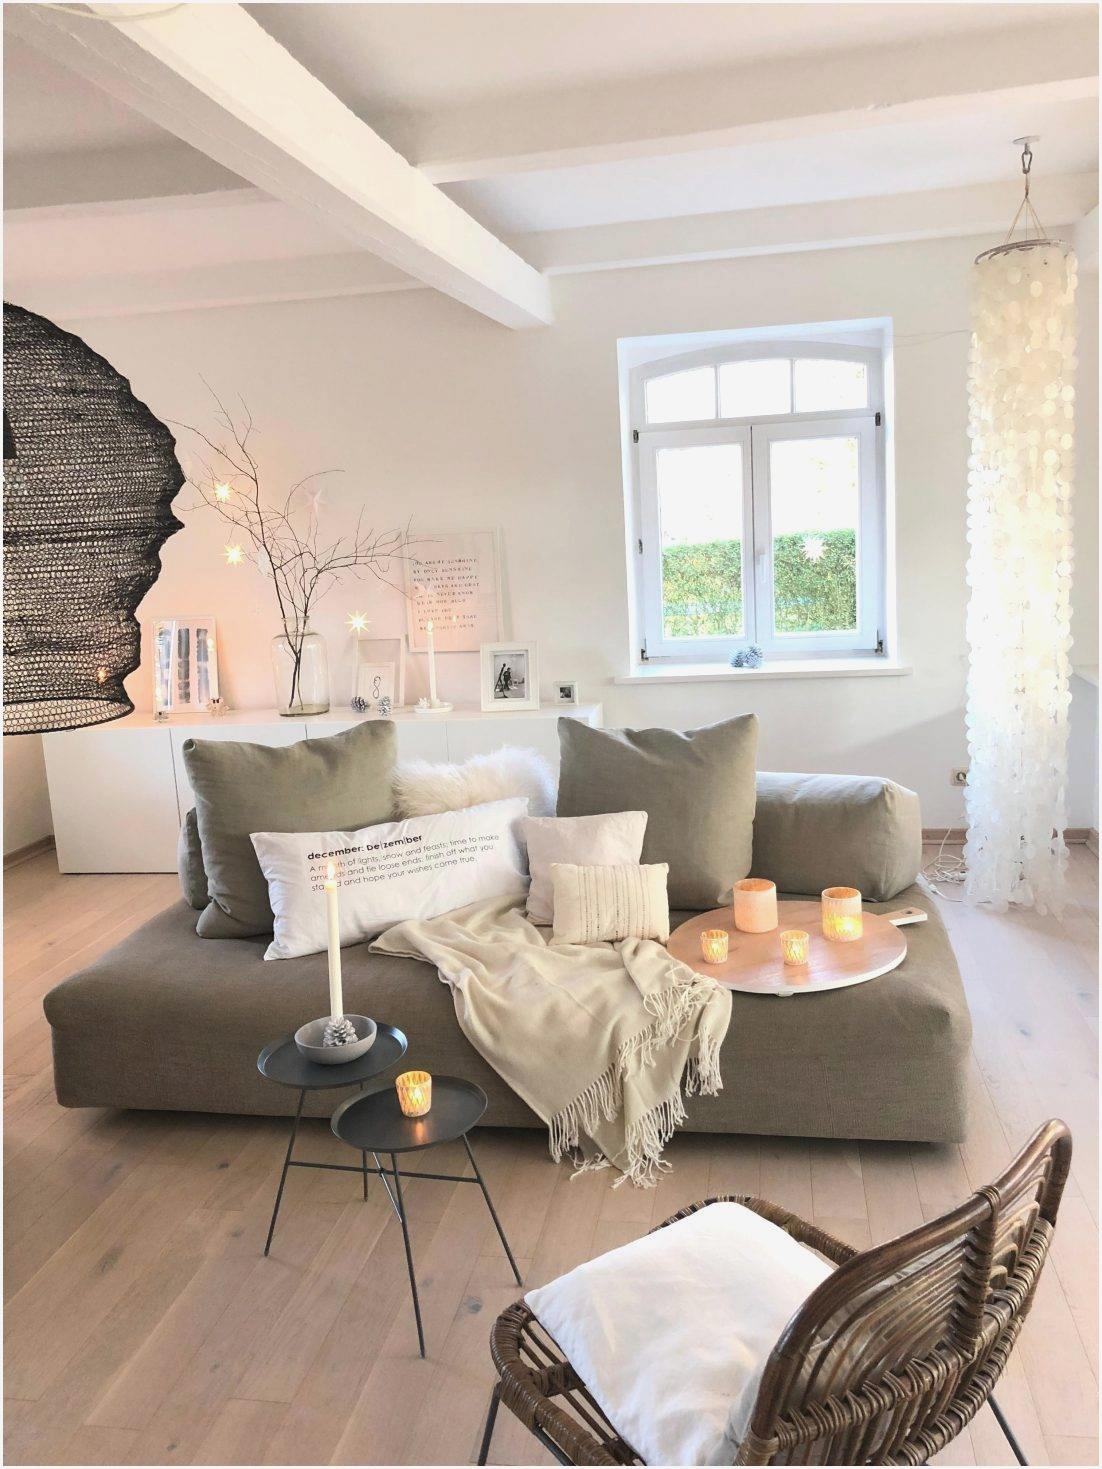 deko ideen fur wohnzimmer silber